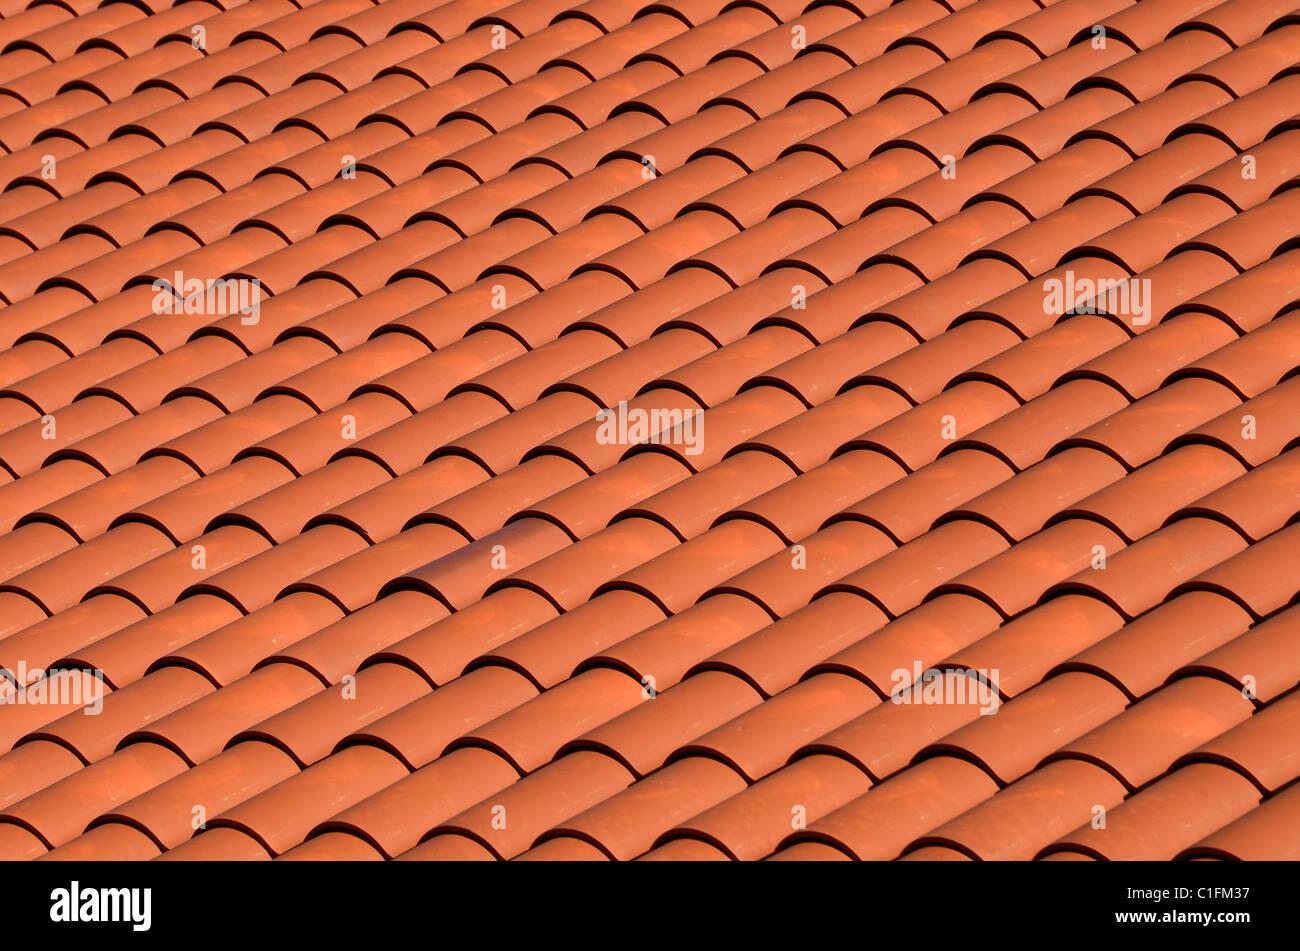 Un tejado de pizarra tejas rojas Imagen De Stock